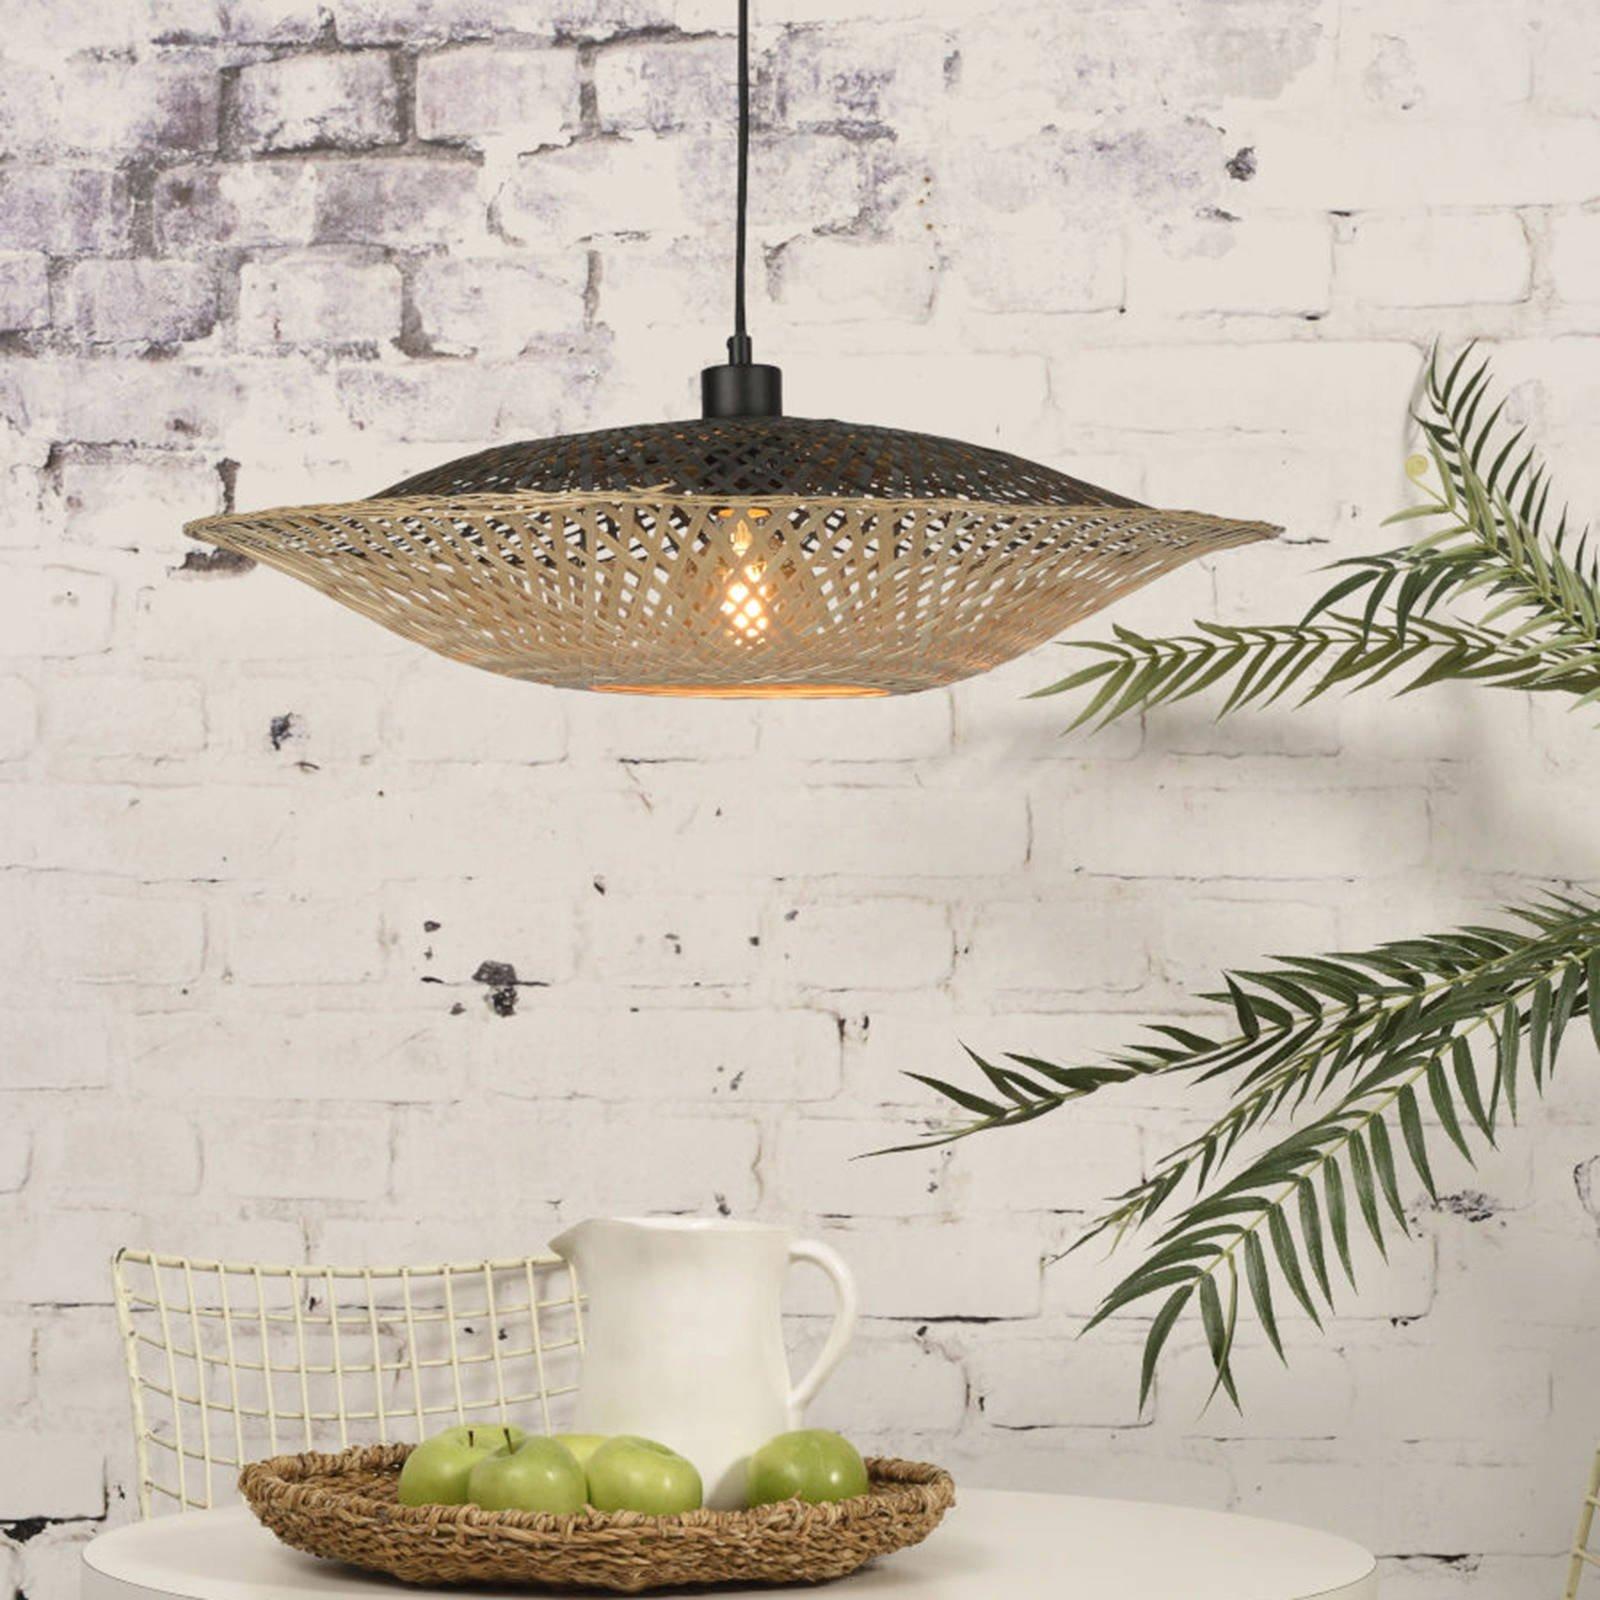 Hanglamp van bamboe, takken van een plant en een fruitschaal op een tafel.